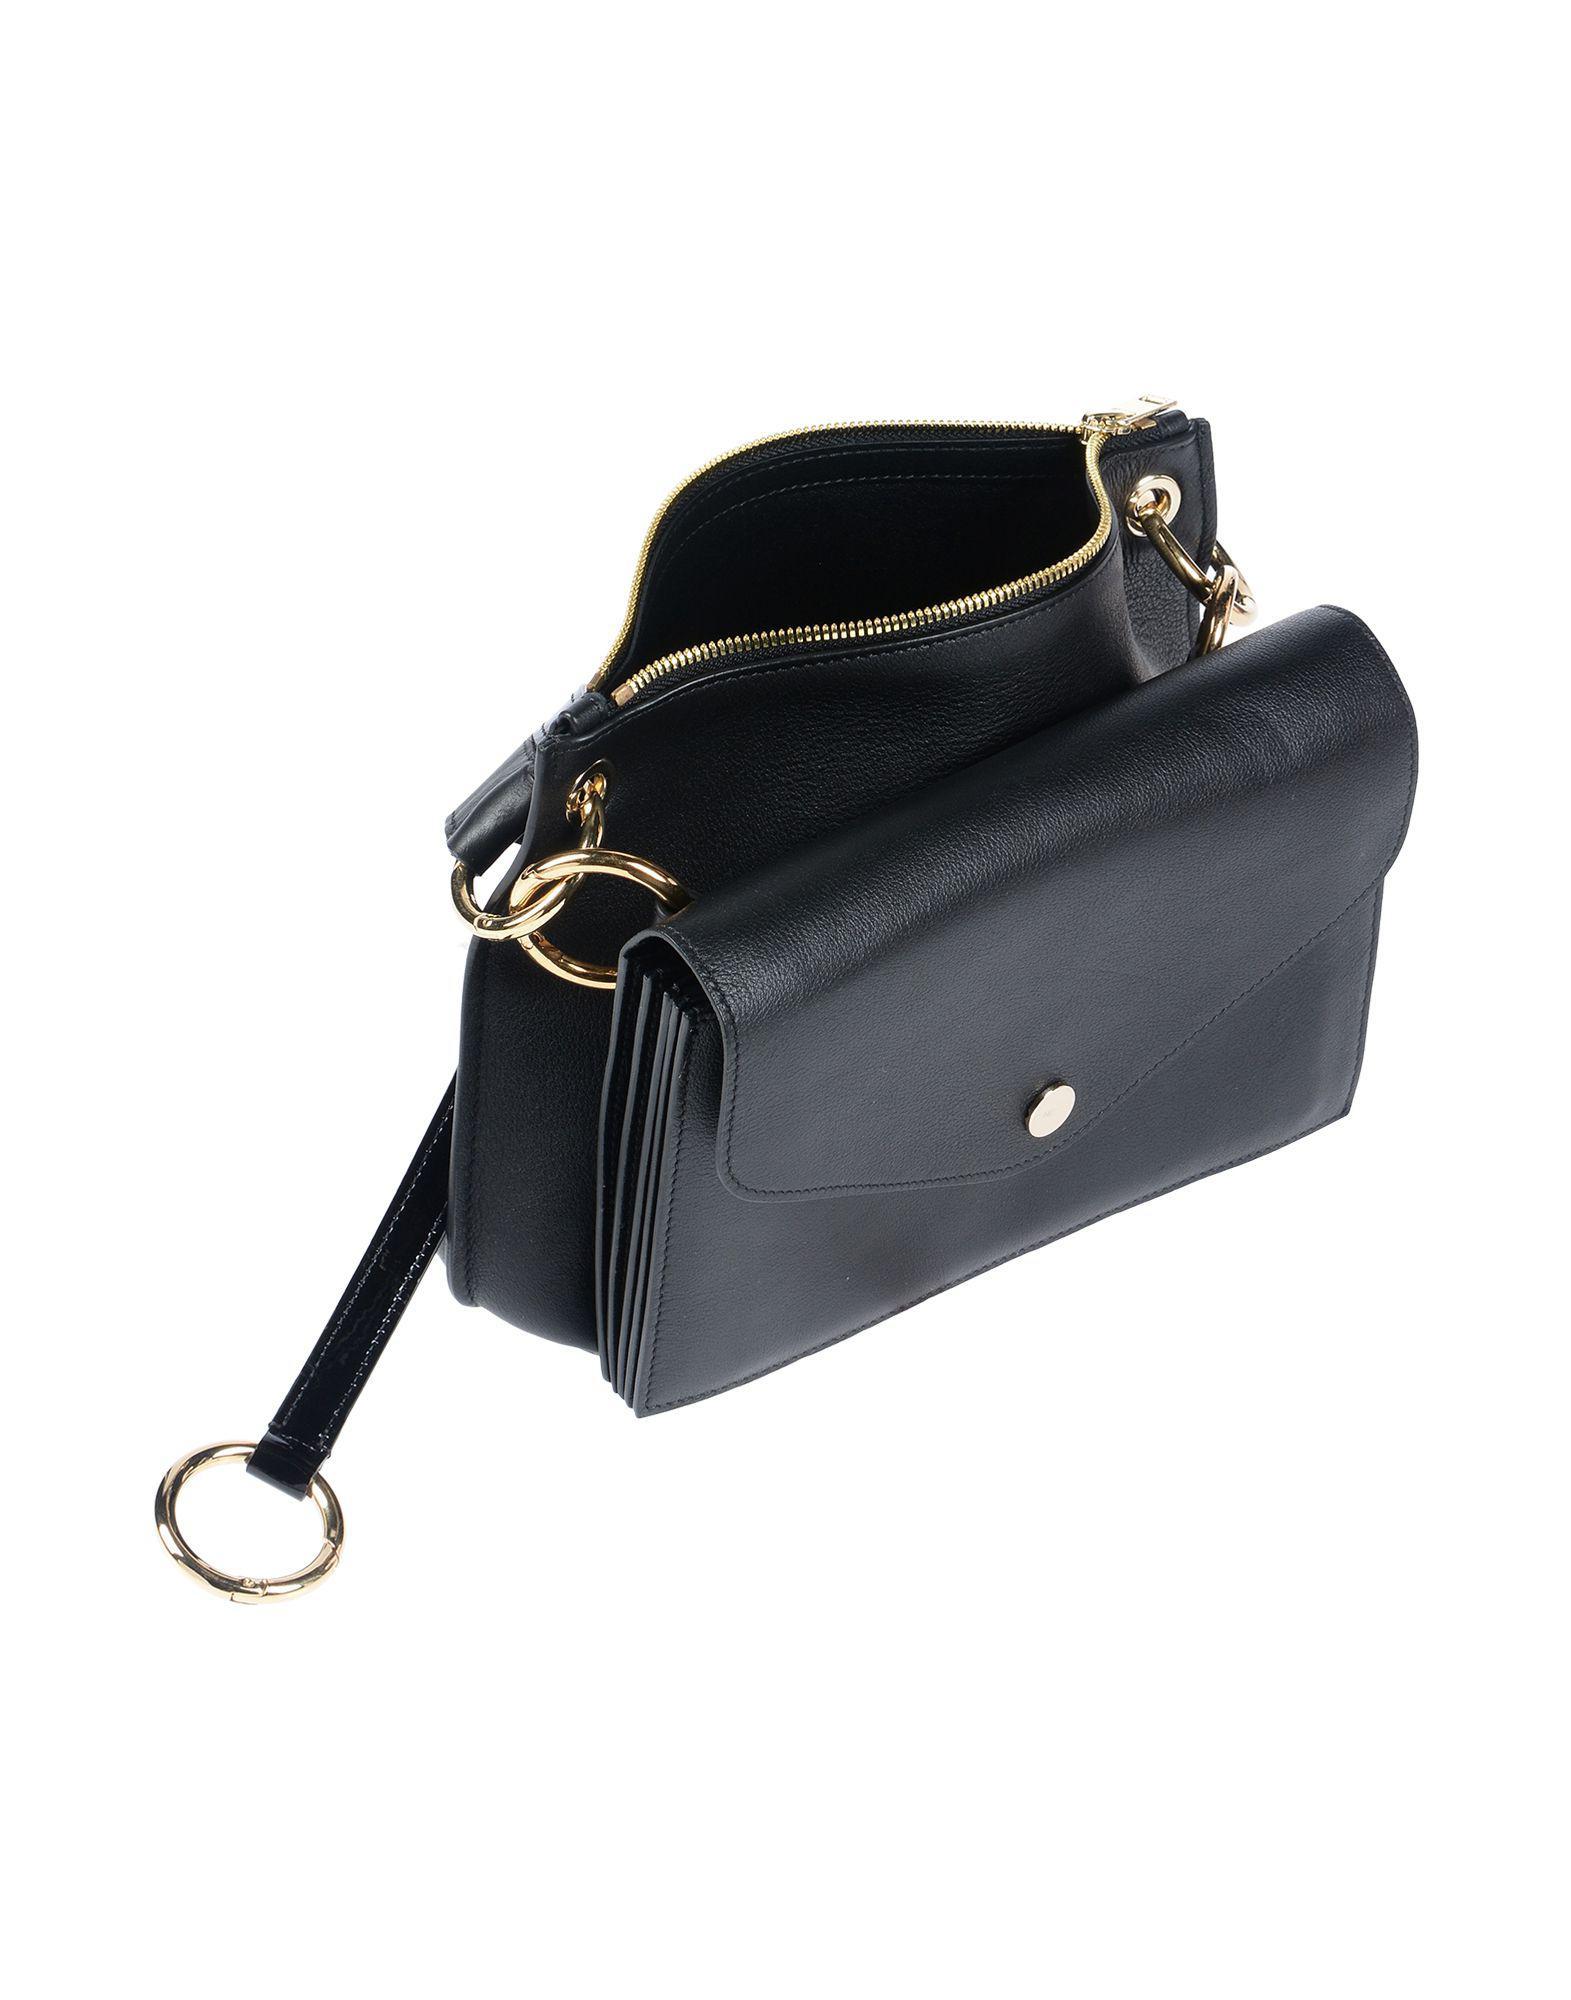 d082c8f71a Sacai - Black Shoulder Bag - Lyst. View fullscreen